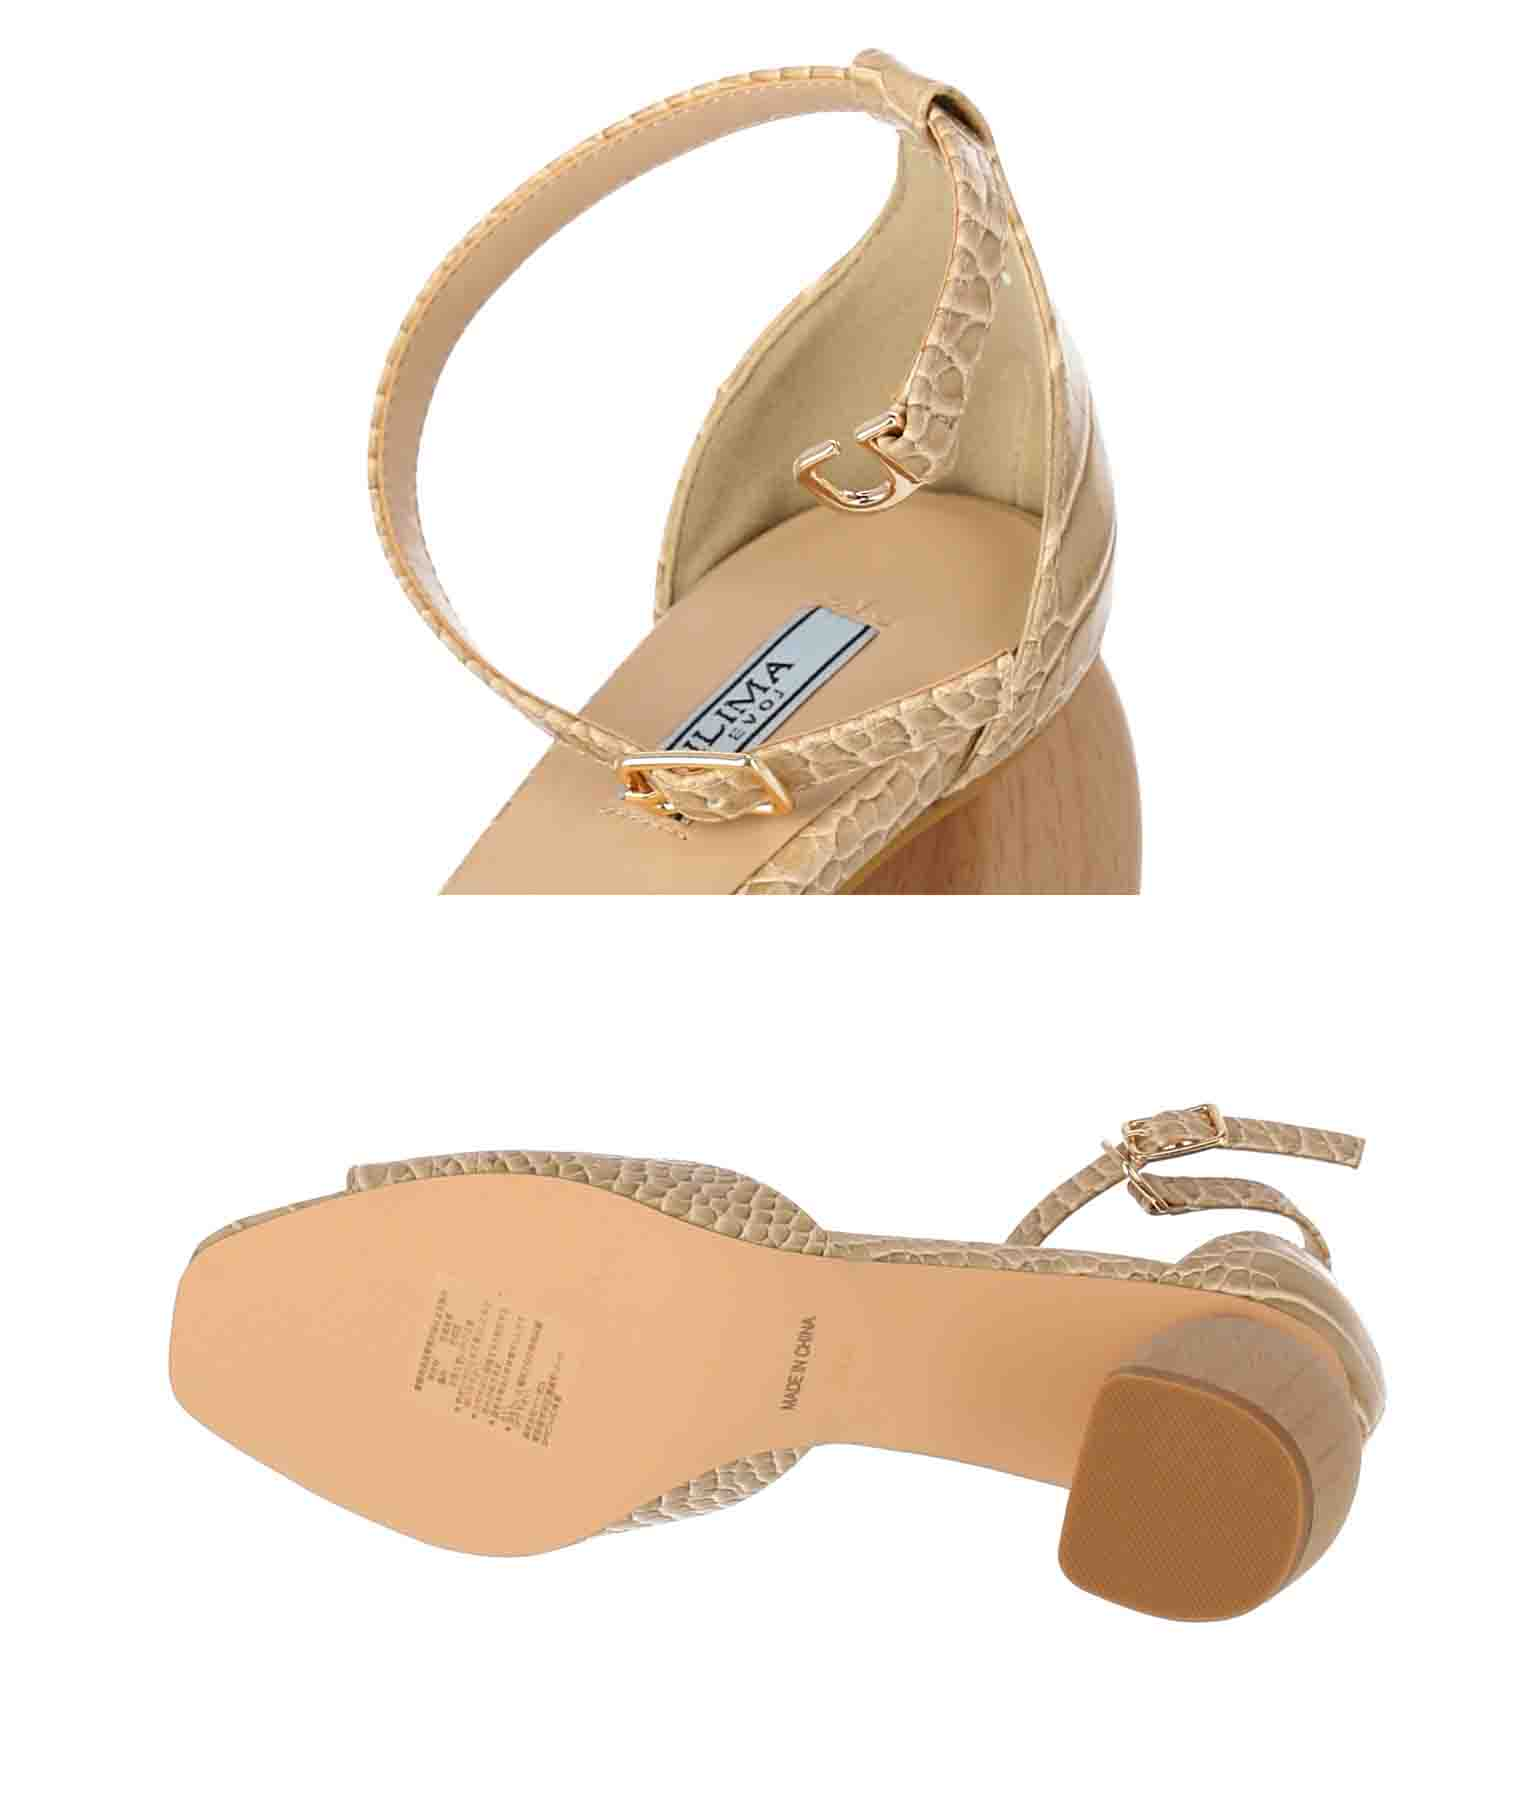 クロコダイル×ウッドヒールサンダル(シューズ・靴/サンダル) | Alluge